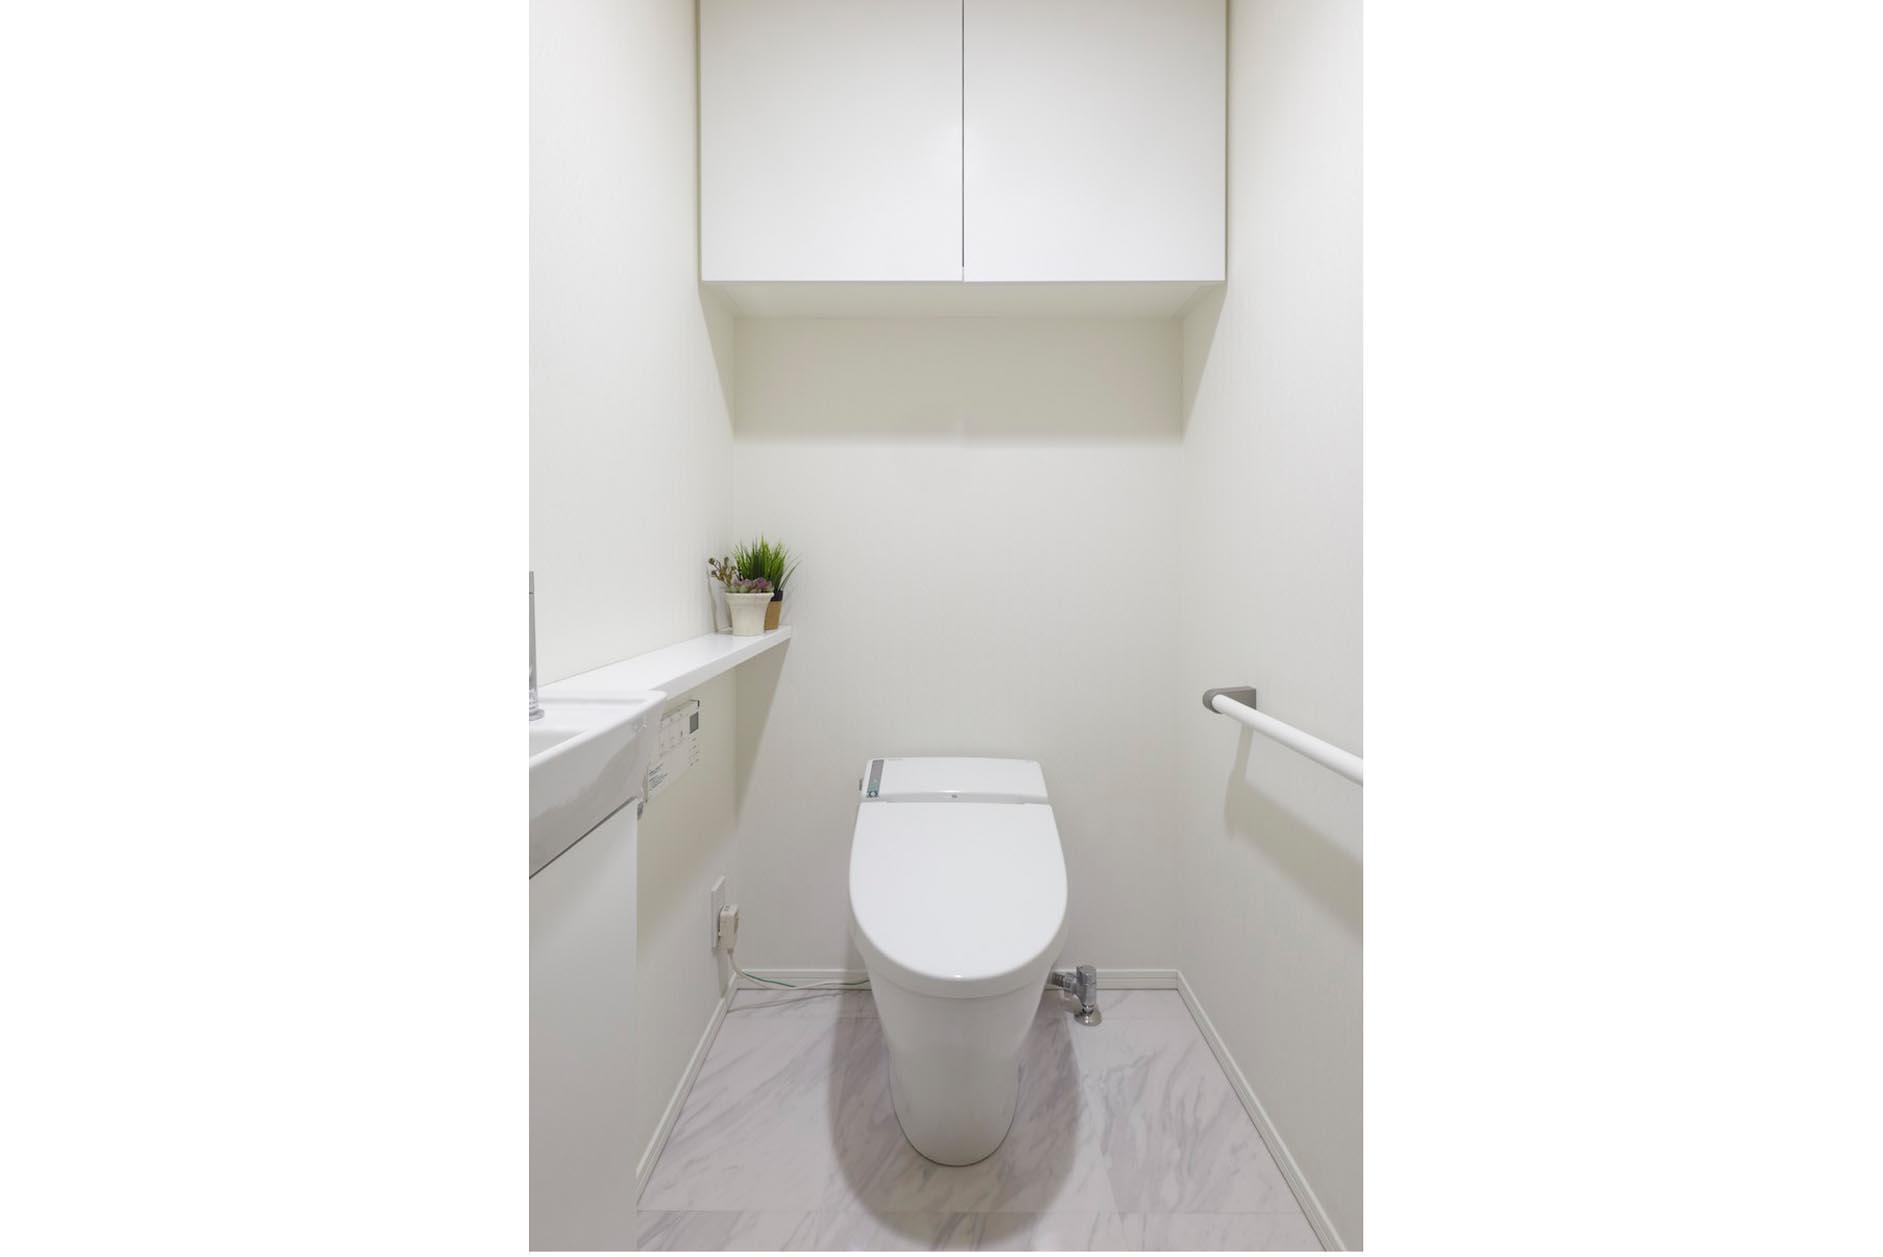 手洗いカウンター付節水型タンクレストイレ イメージ